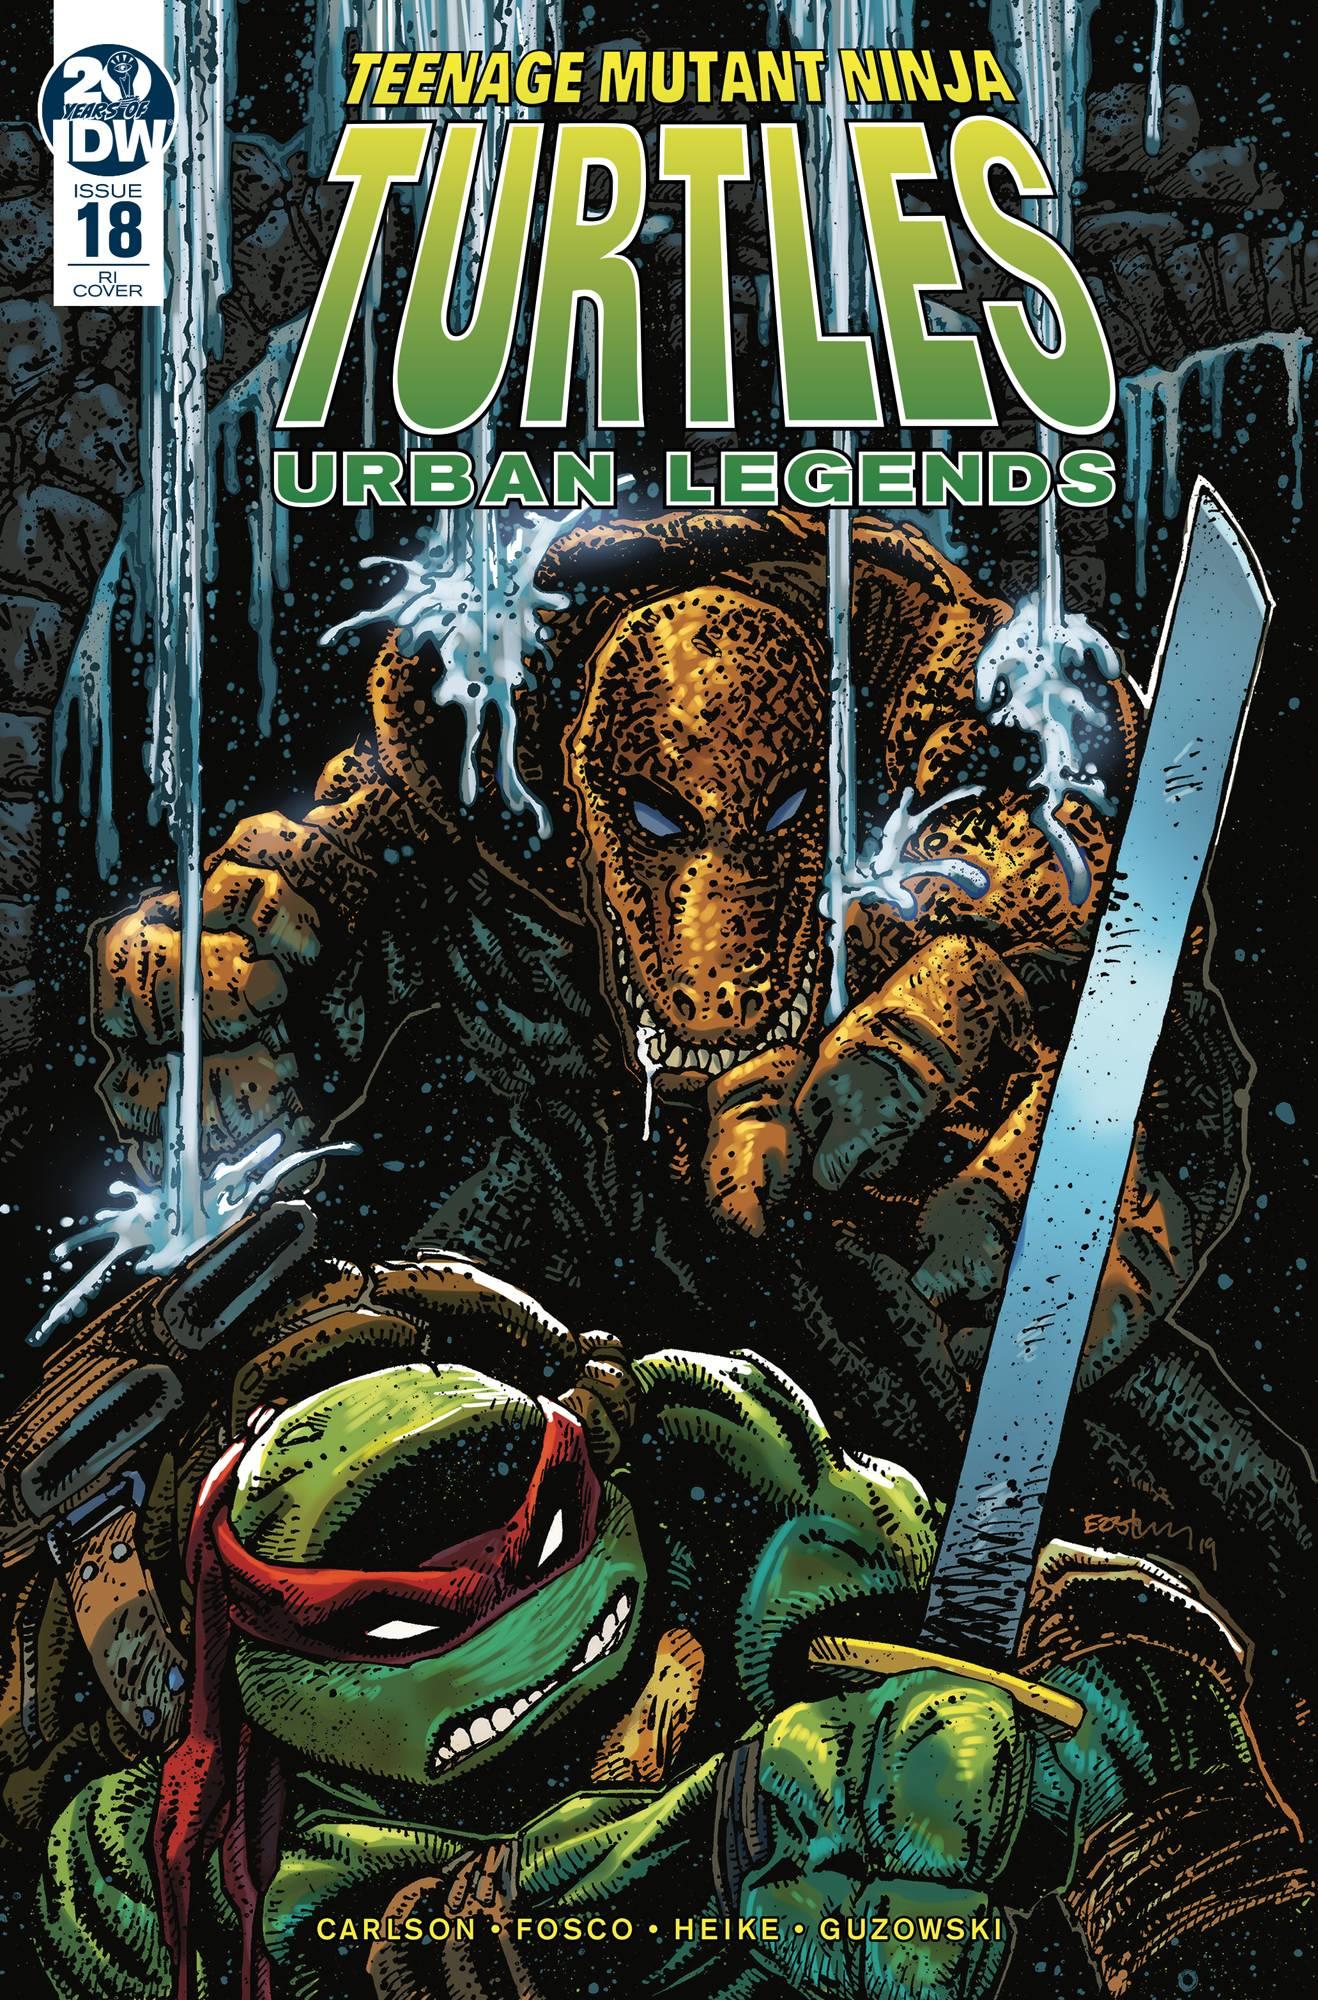 Teenage Mutant Ninja Turtles: Urban Legends #18 (2019)